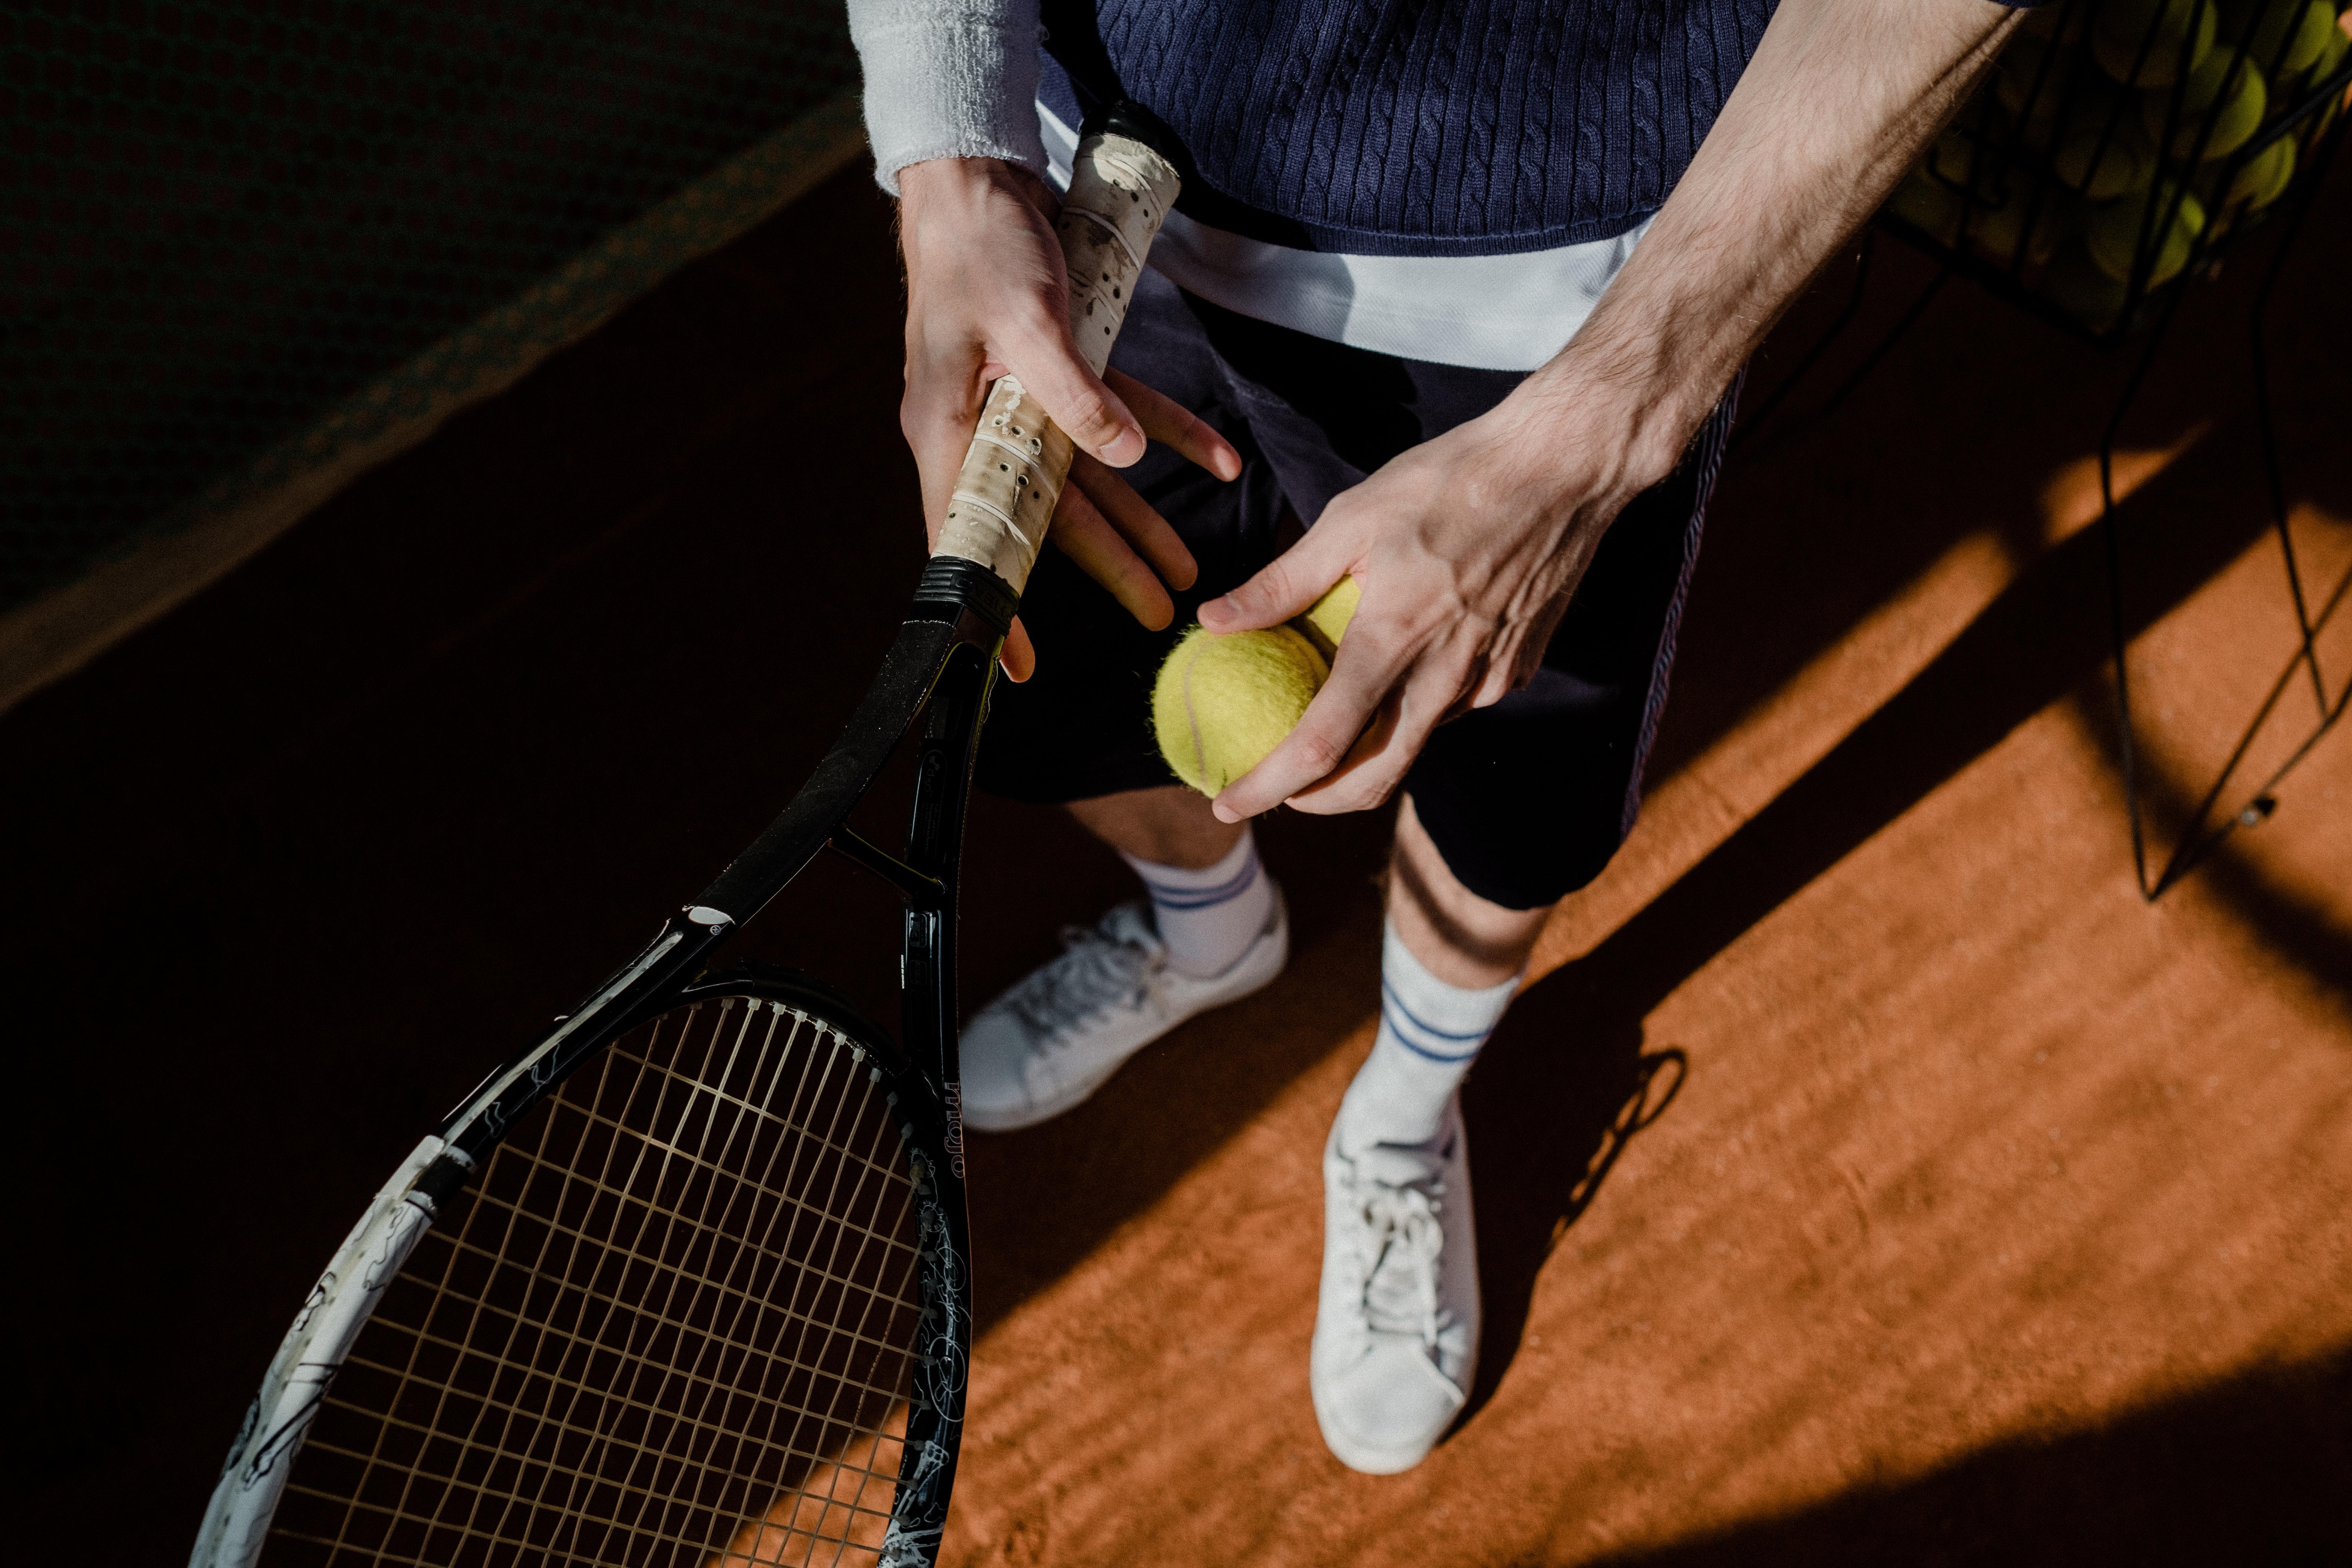 Konforlu ve Şık Spor Giyim Ürünleri, Trendyol Parkur Spor Mağazasında Sizleri Bekliyor!